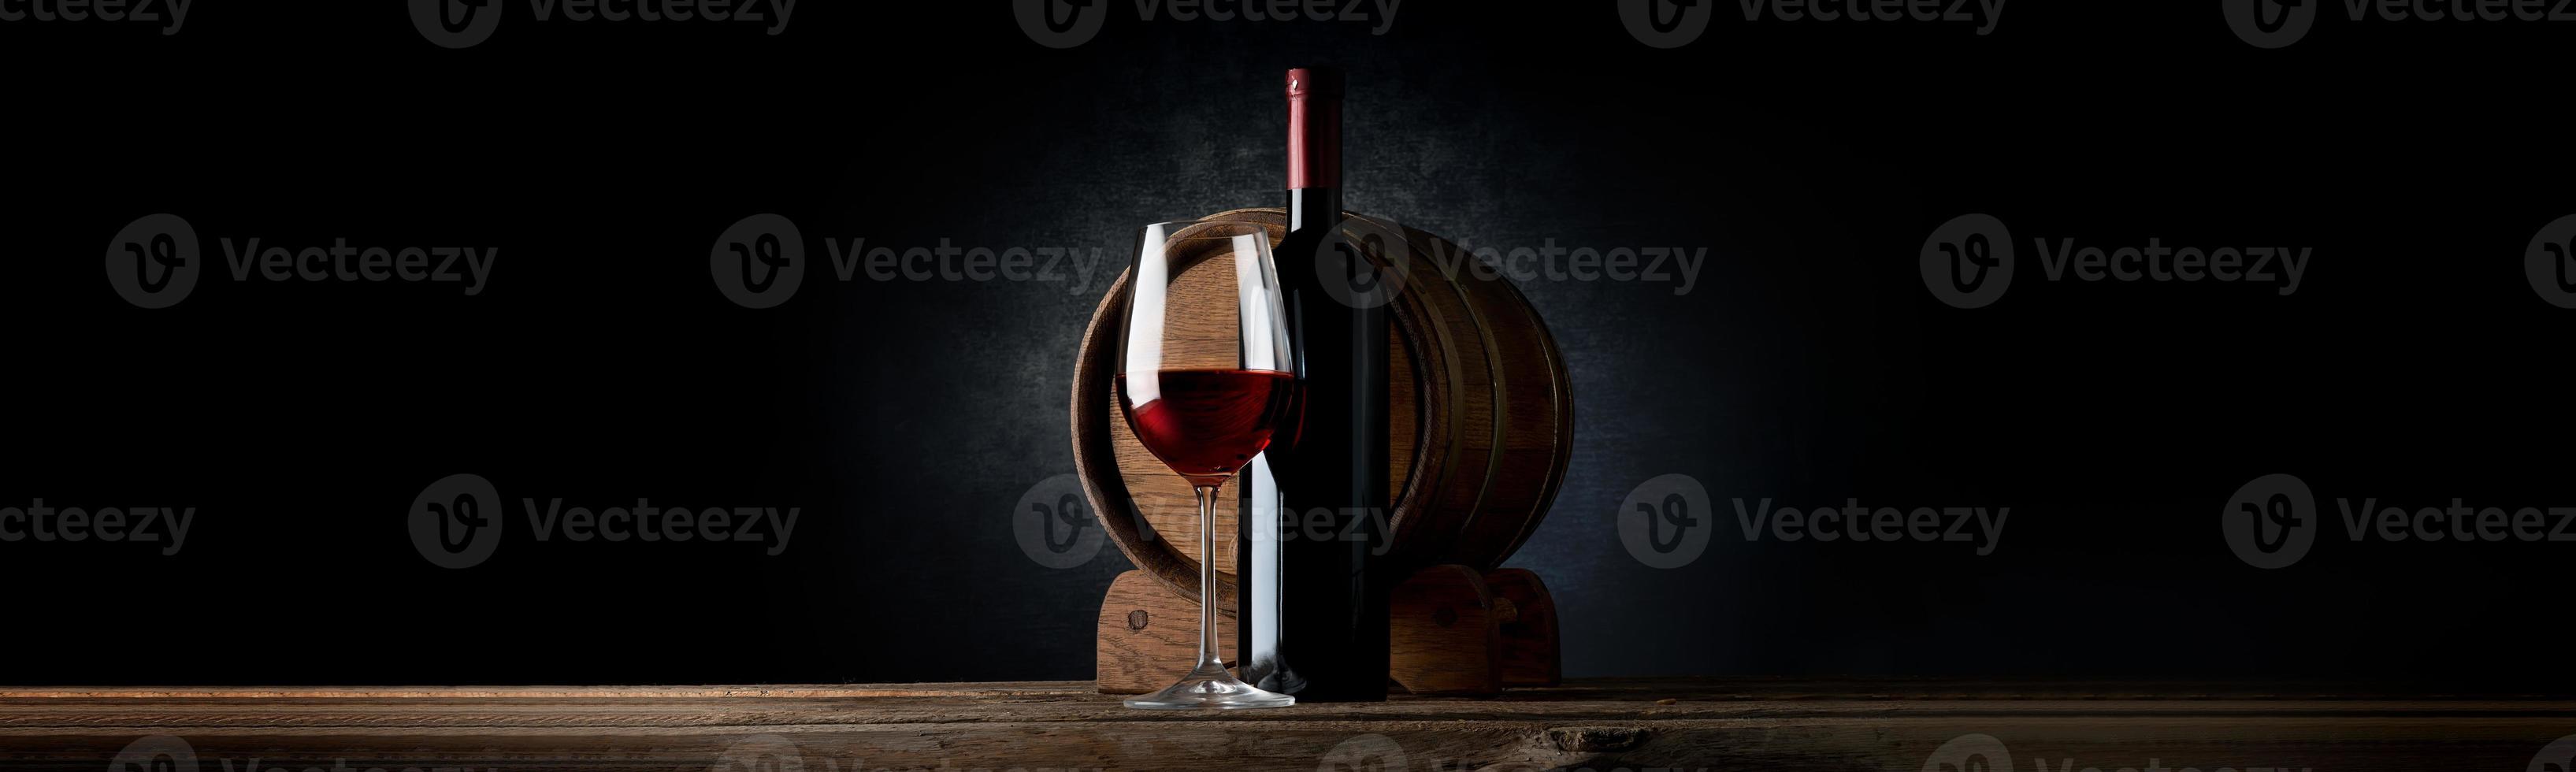 compositie met wijn foto